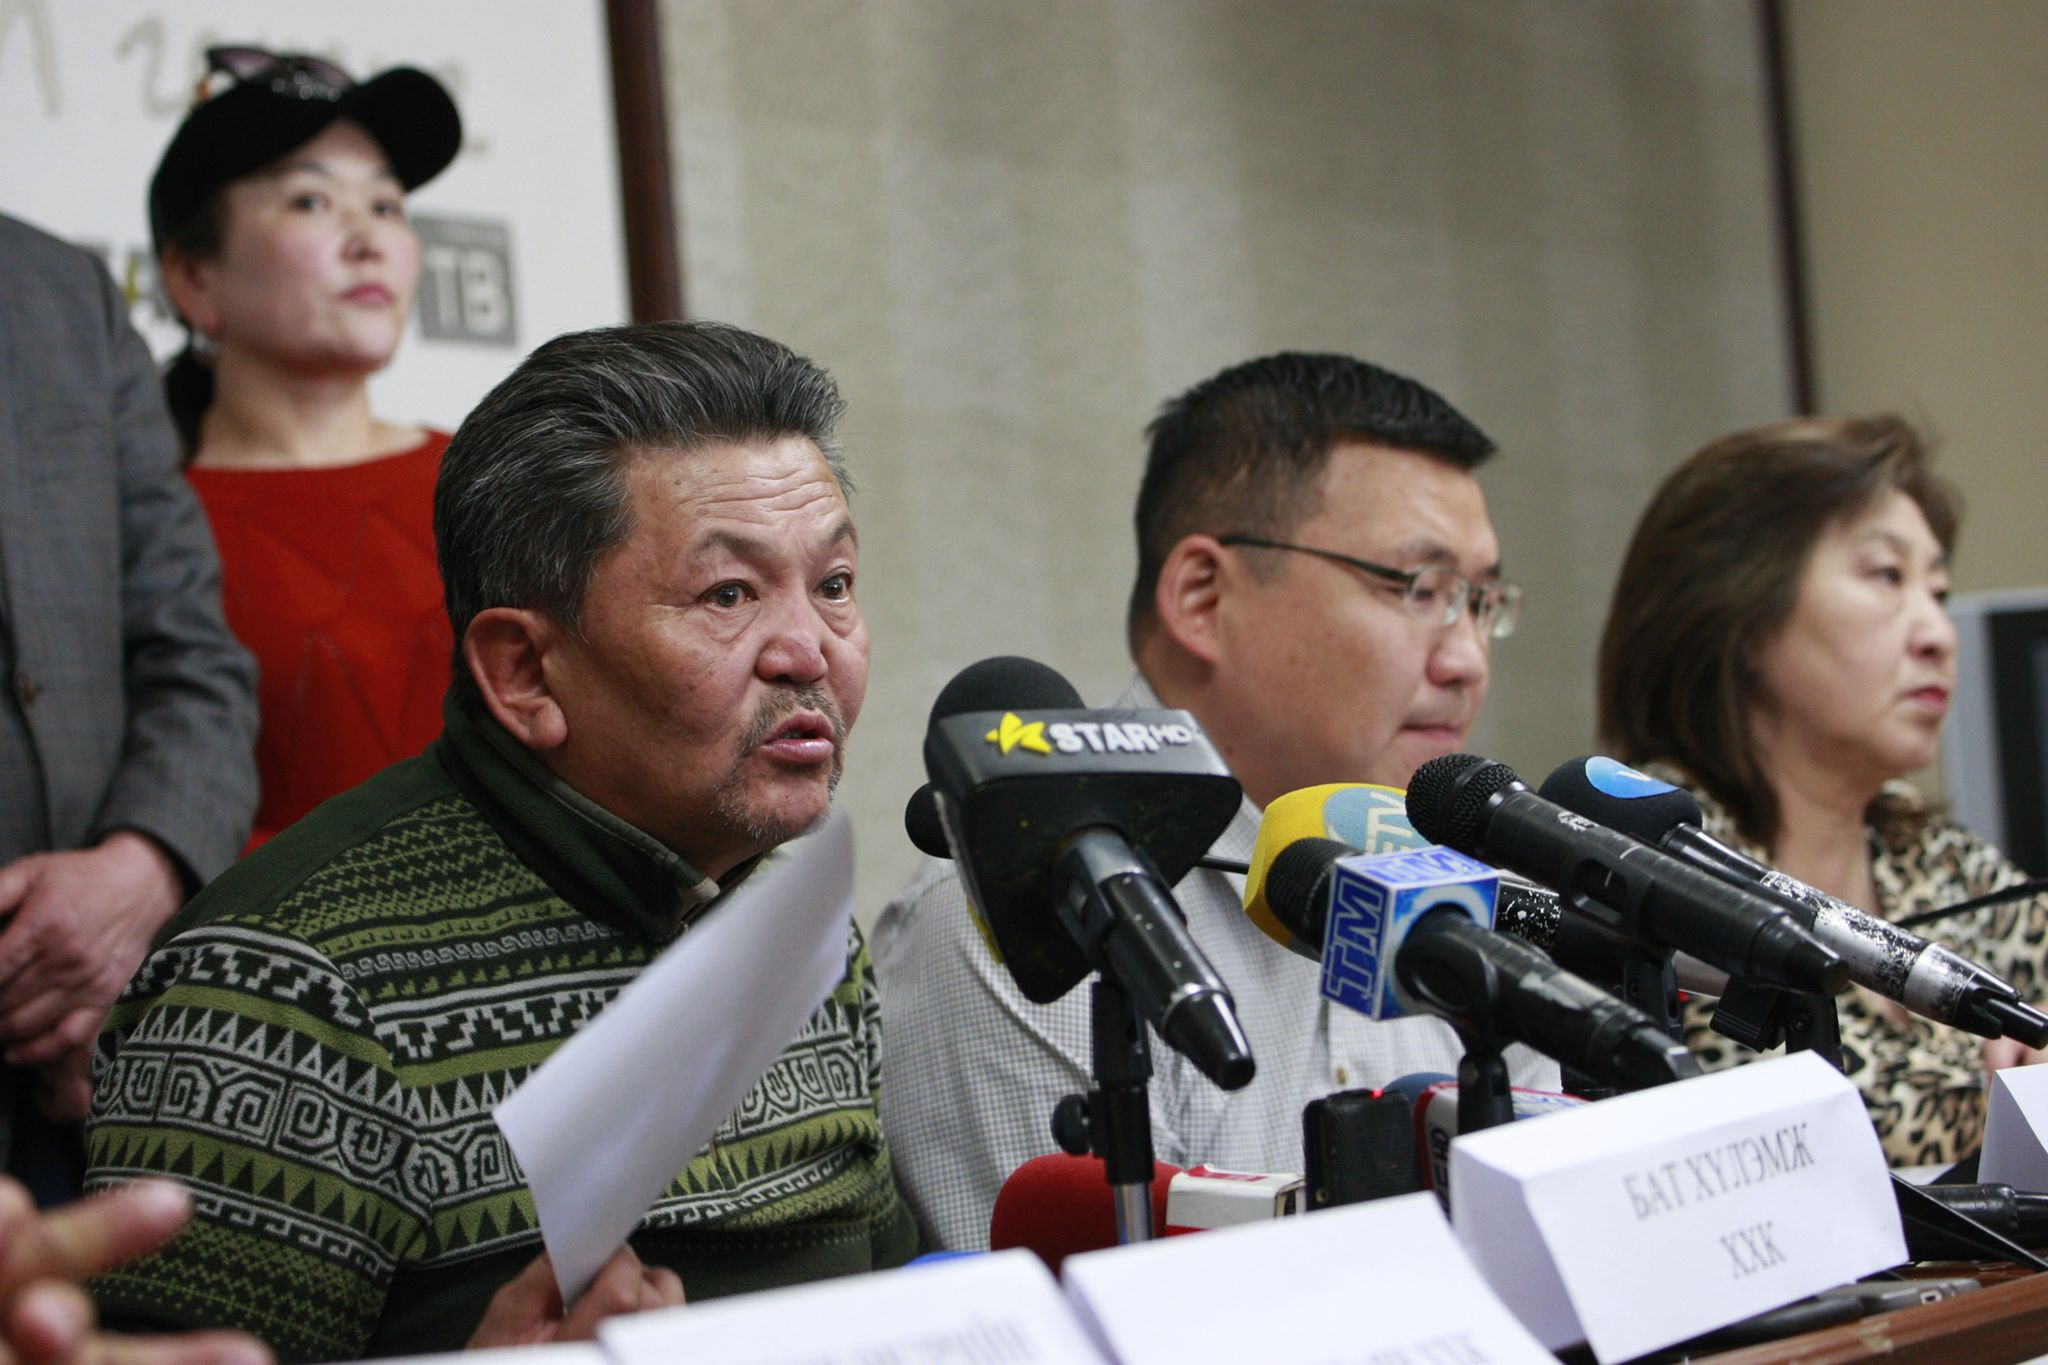 Х.Алтанцацралт:  Бид ч бас Тяньжинхотын 50 га газарт хүлэмжийн аж ахуй эрхэлмээр байна